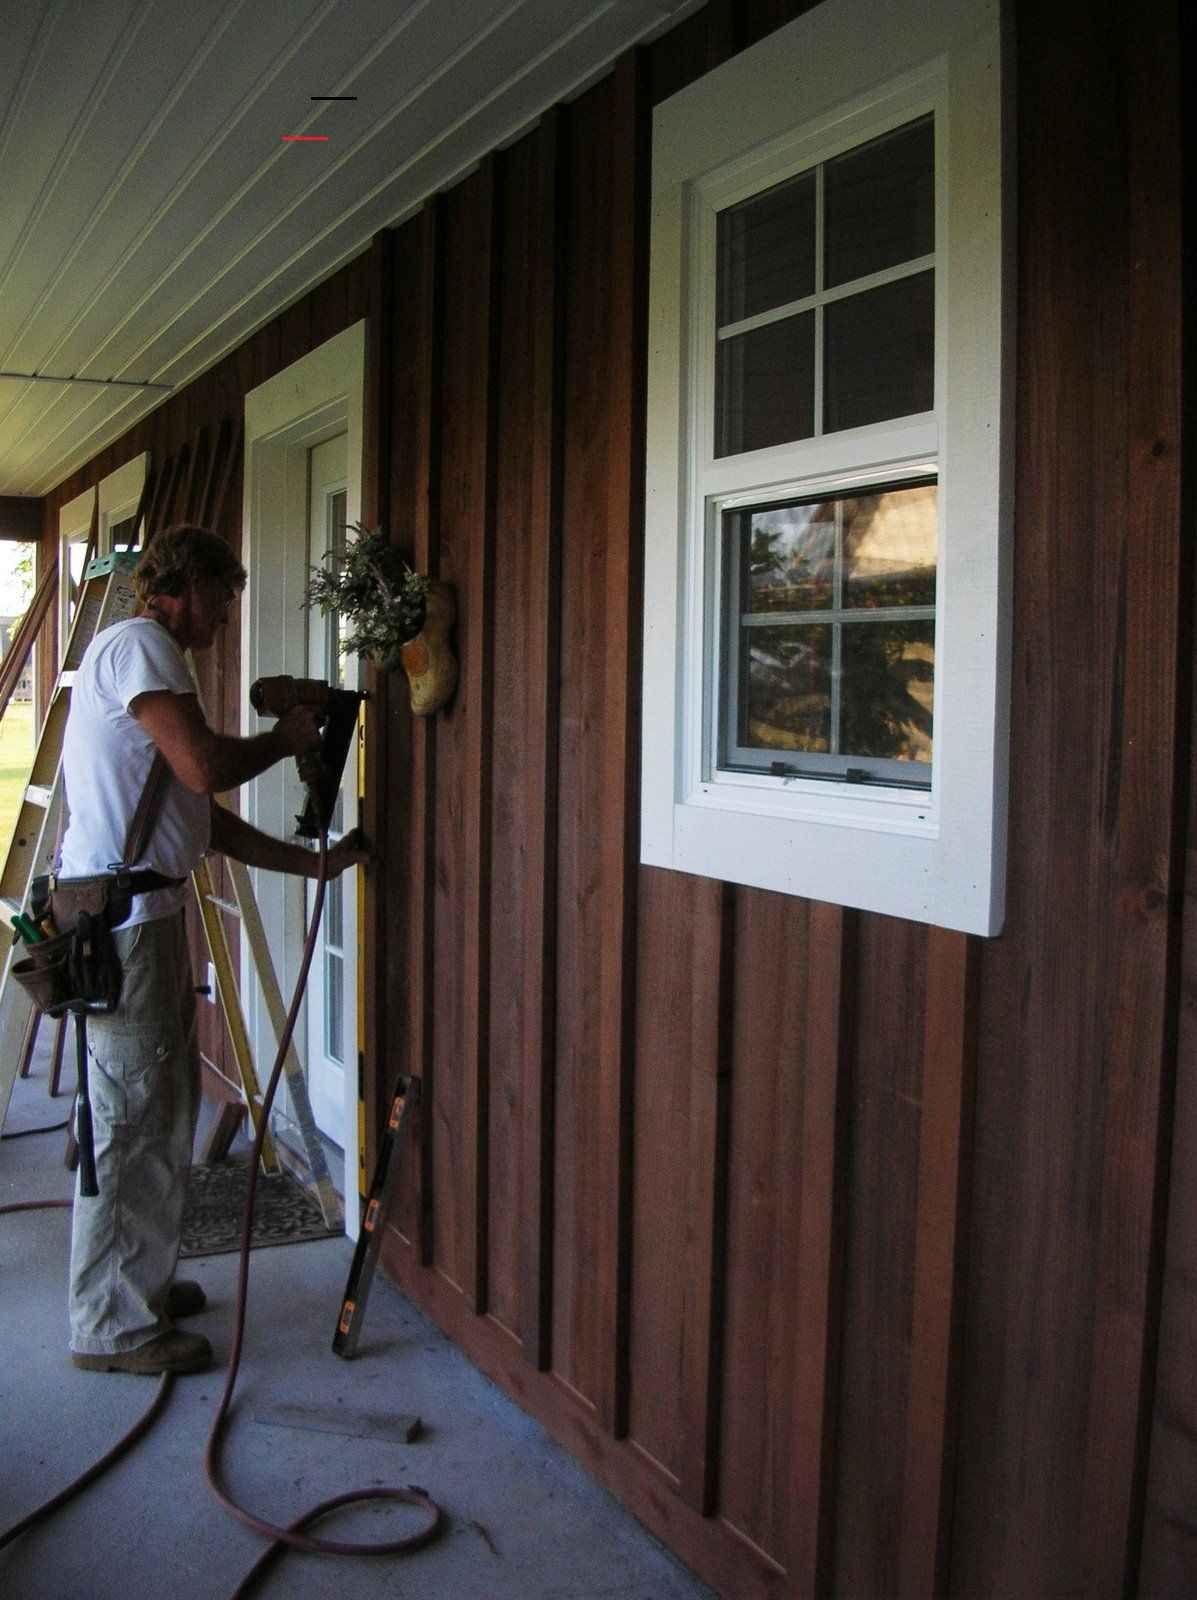 Boardandbattensiding En 2020 Casas Estilo Cabana Casas Casas Rusticas